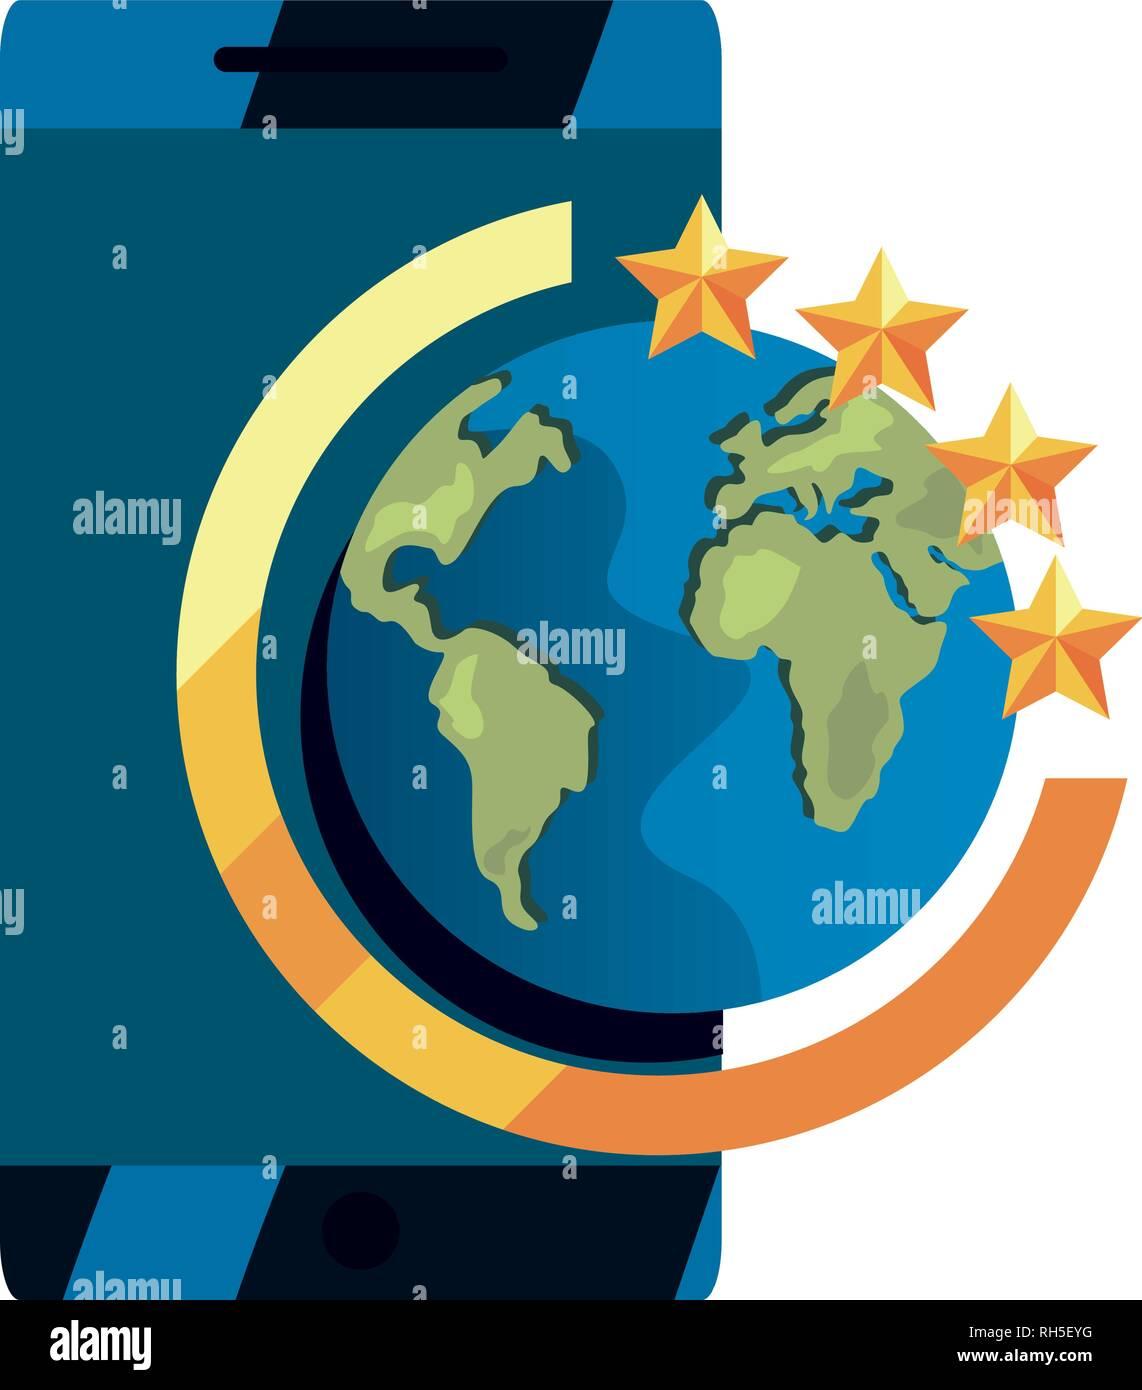 Cellulare mondo copyright di proprietà intellettuale illustrazione vettoriale Illustrazione Vettoriale